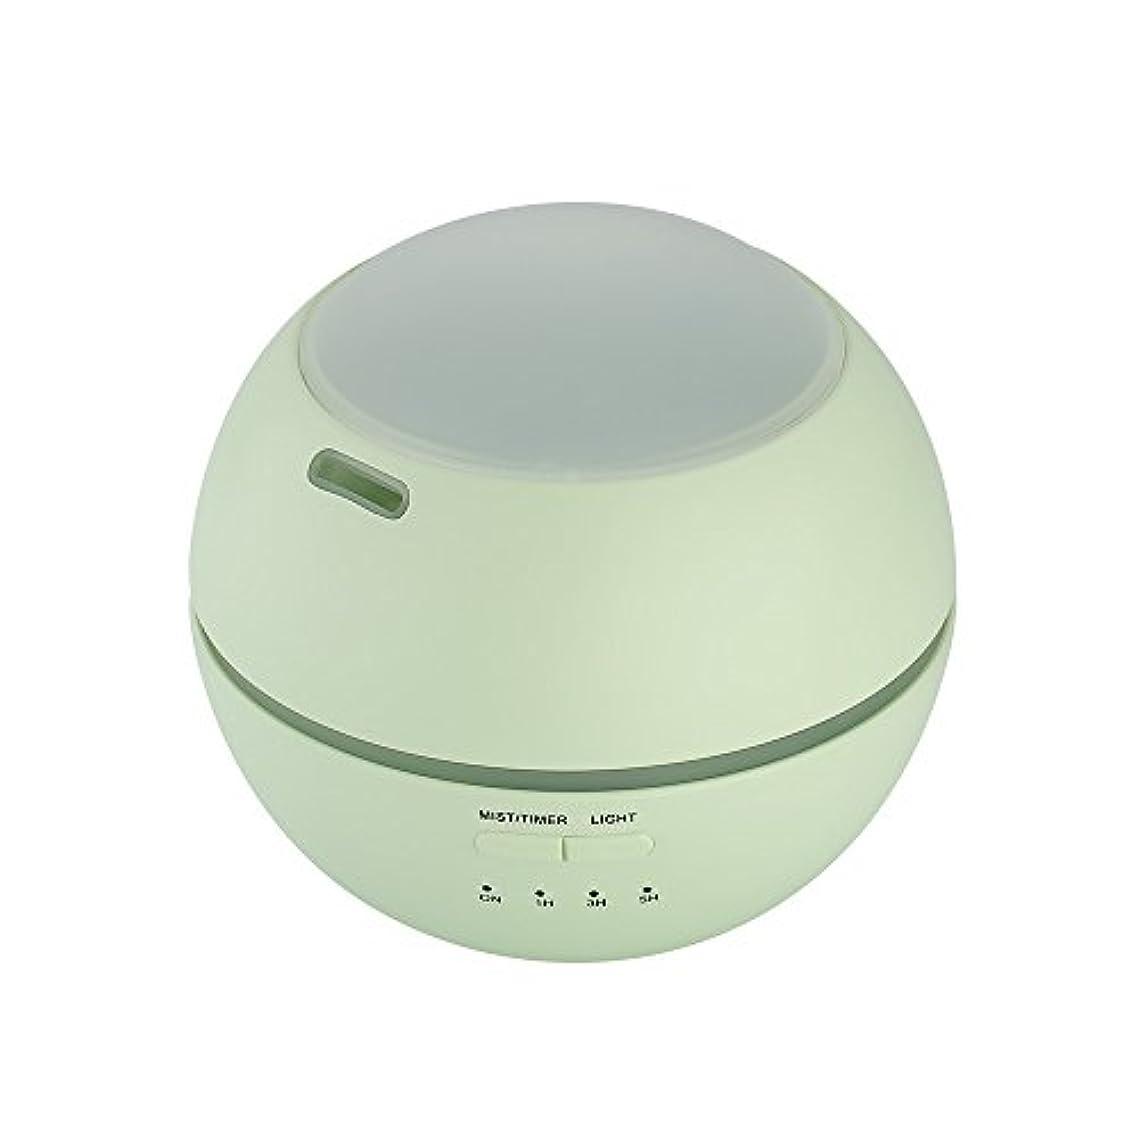 休暇ポルティコナビゲーション超音波式 アロマディフューザー 卓上 加湿器 8色LEDライト変換 超静音 ミス調整可能 時間設定タイマー機能付き 空焚き防止機能搭載 アロマ加湿器 150mL by smartlife (グリーン)